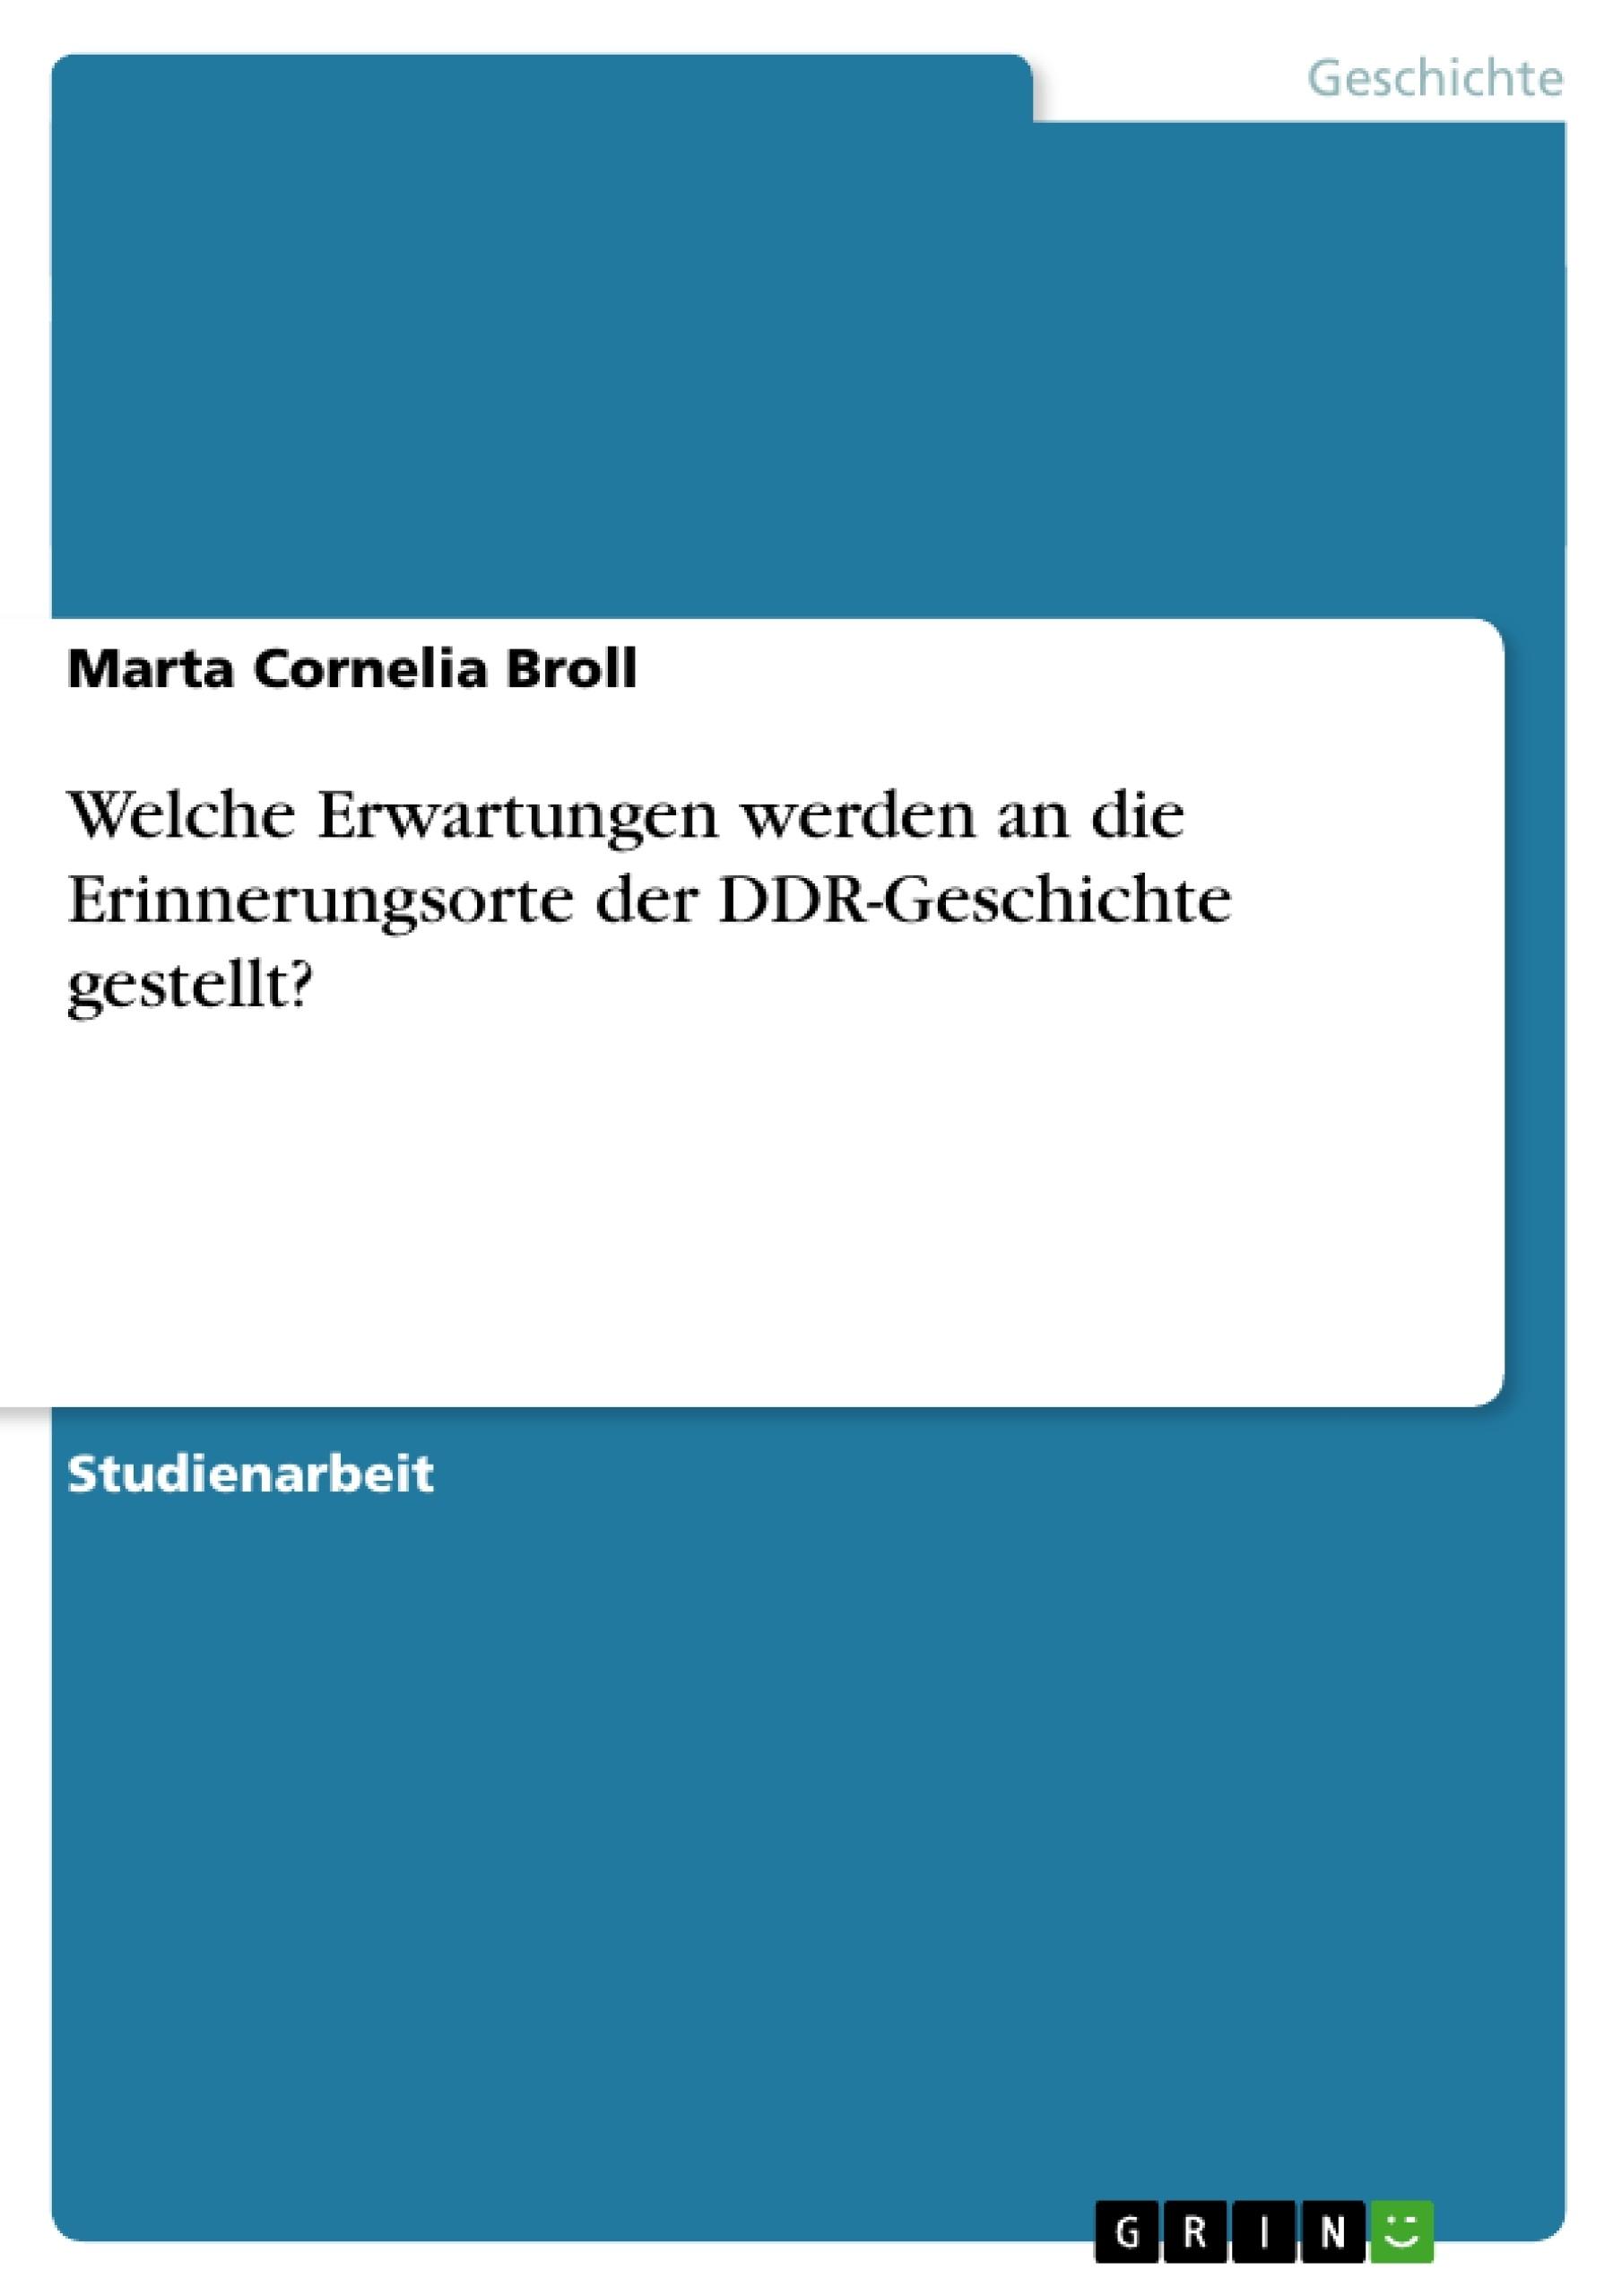 Titel: Welche Erwartungen werden an die Erinnerungsorte der DDR-Geschichte gestellt?